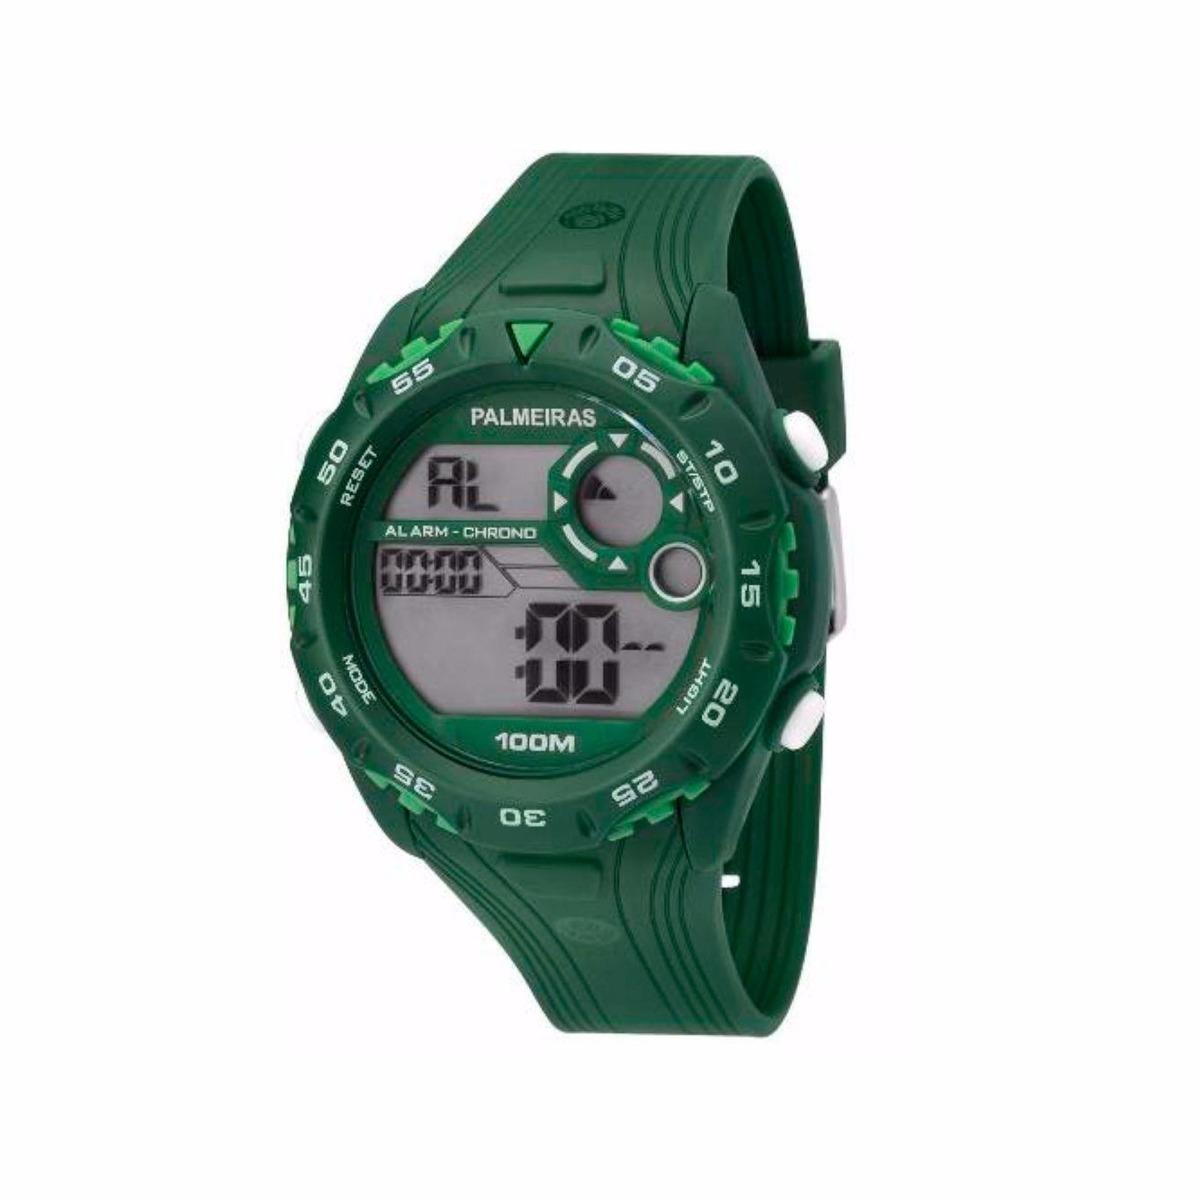 1c31768703e18 Relógio Technos Masculino Palmeiras Digital Pal13602a 8v - R  188,90 ...